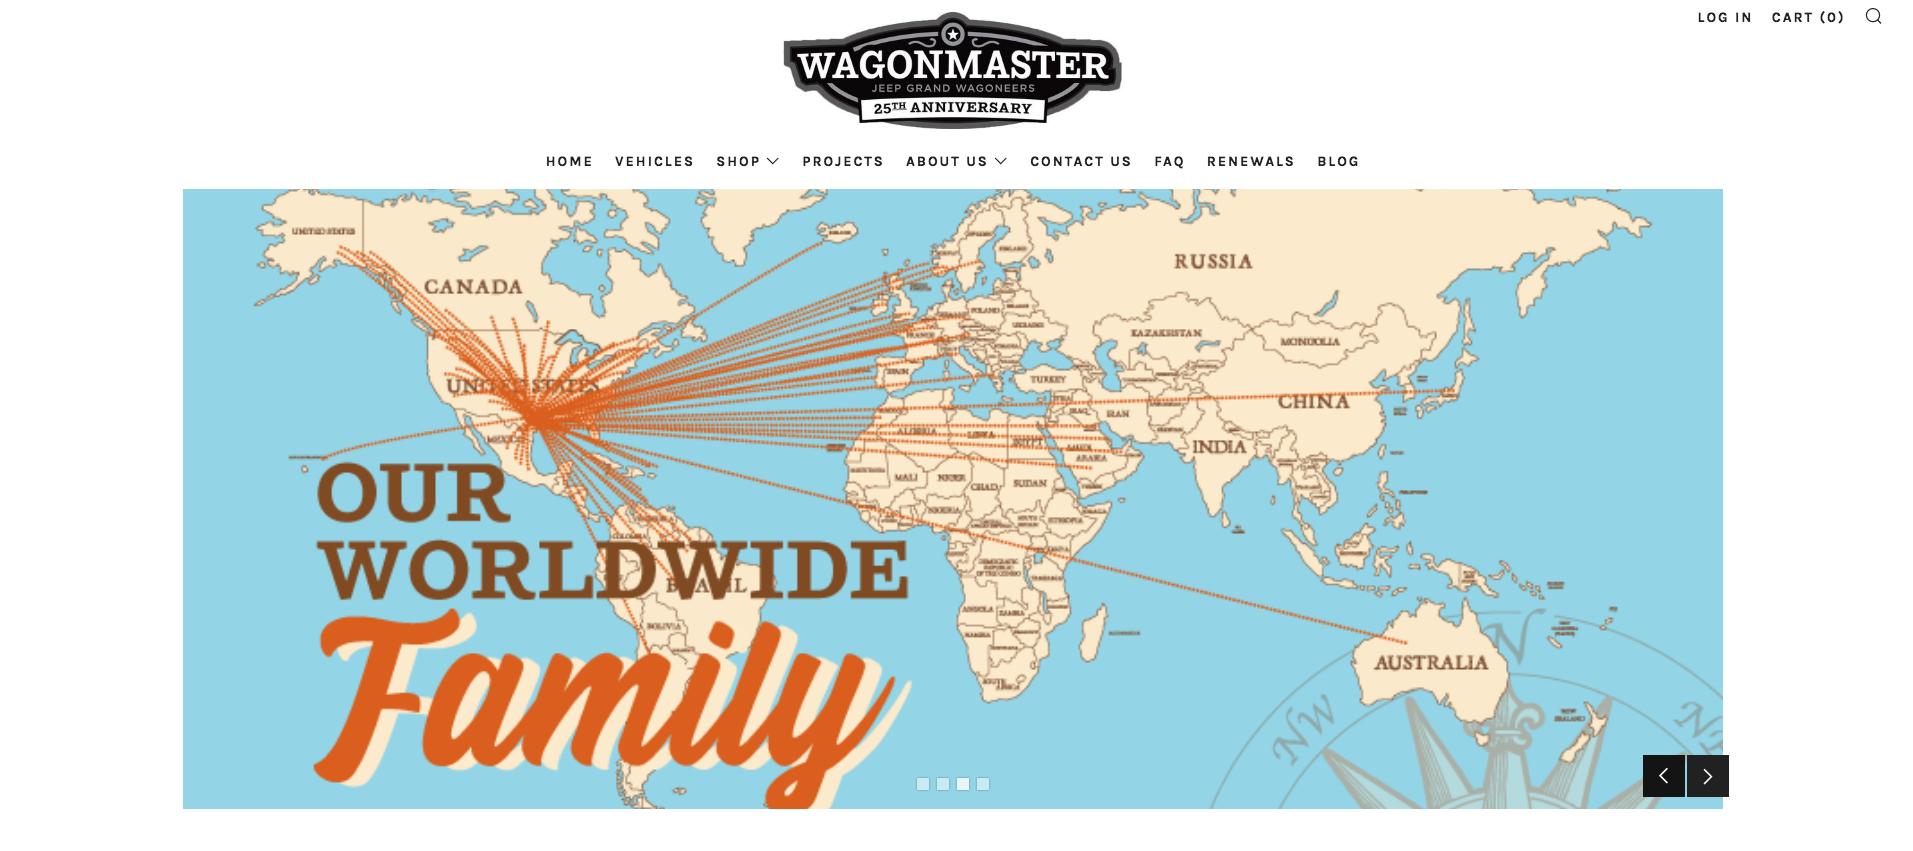 Wagonmaster banner